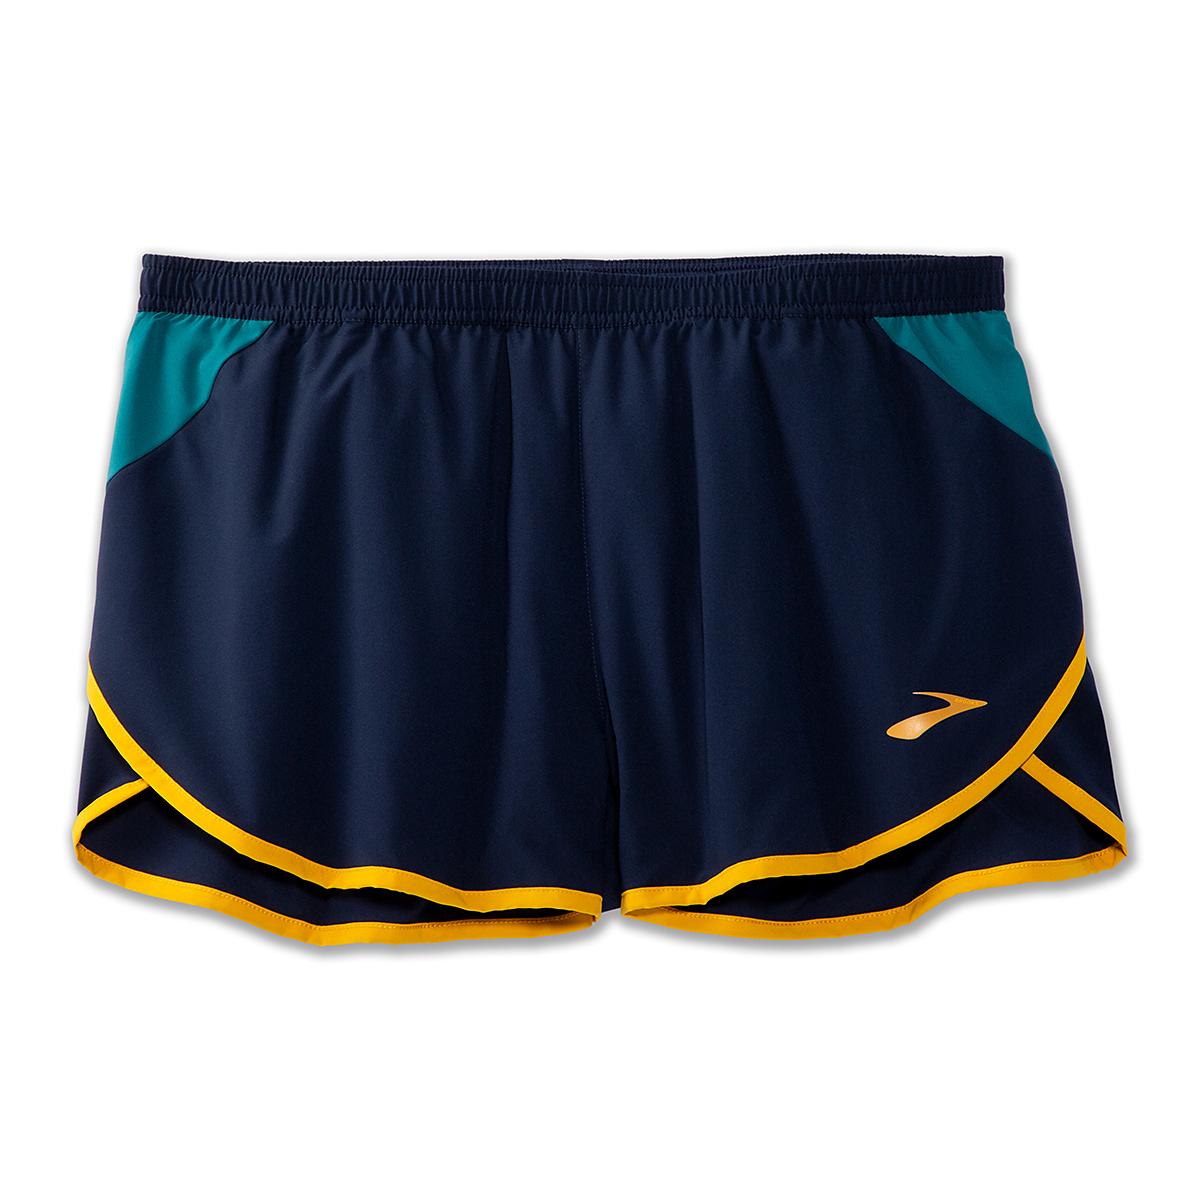 """Men's Brooks Hightail 3"""" Split Shorts - Color: Navy/Spruce - Size: S, Navy/Spruce, large, image 4"""